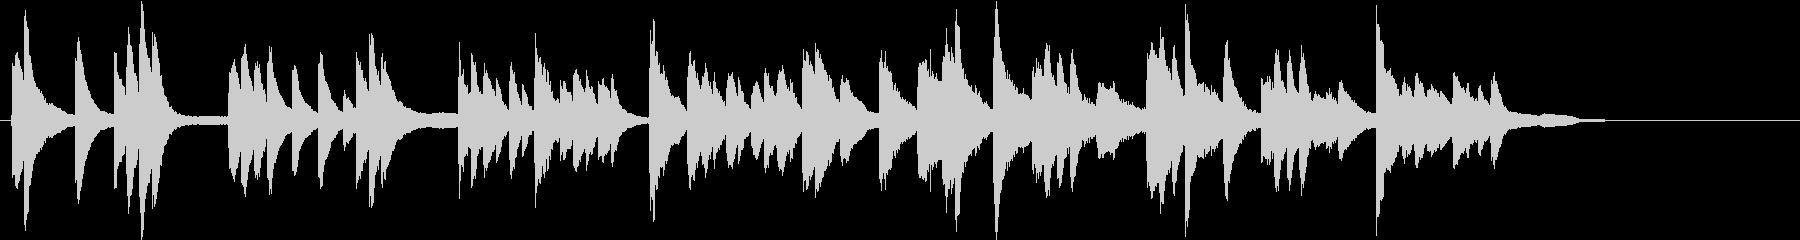 静かなヒーリングBGM ピアノの未再生の波形